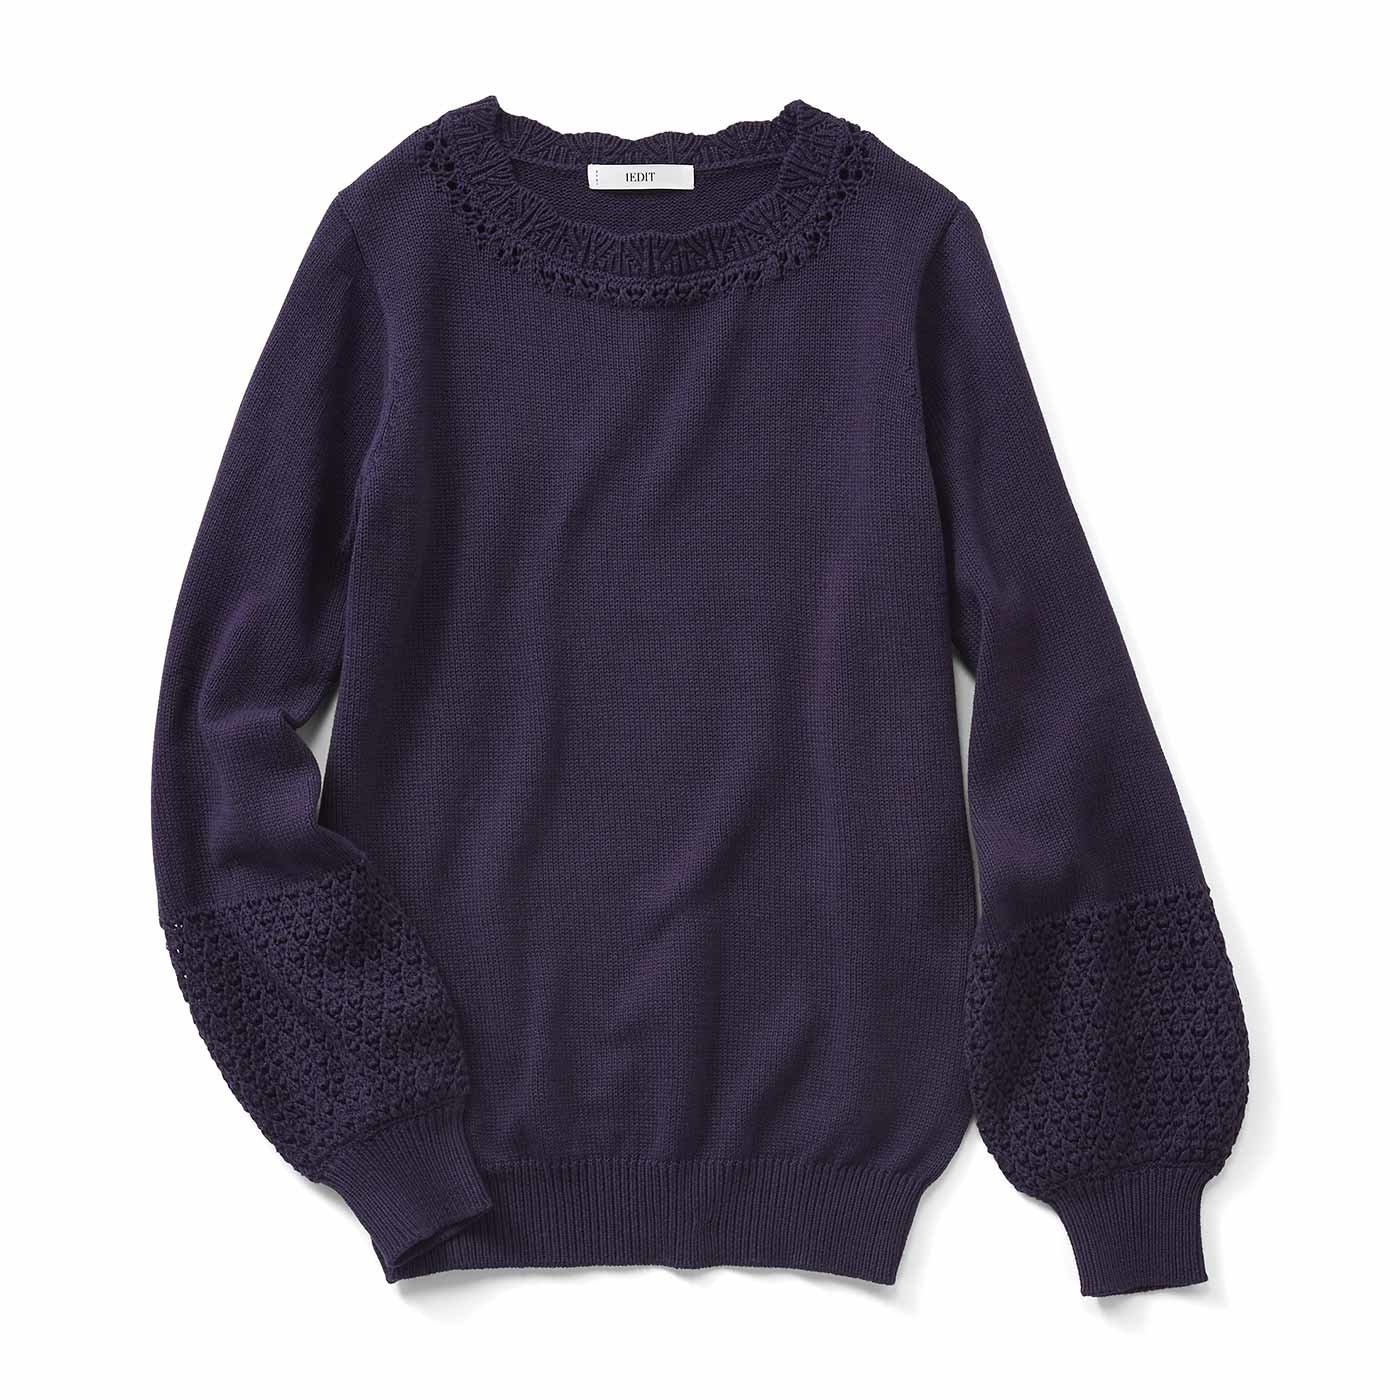 IEDIT[イディット] 透かし編みがポイントのコットンニット〈パープル〉